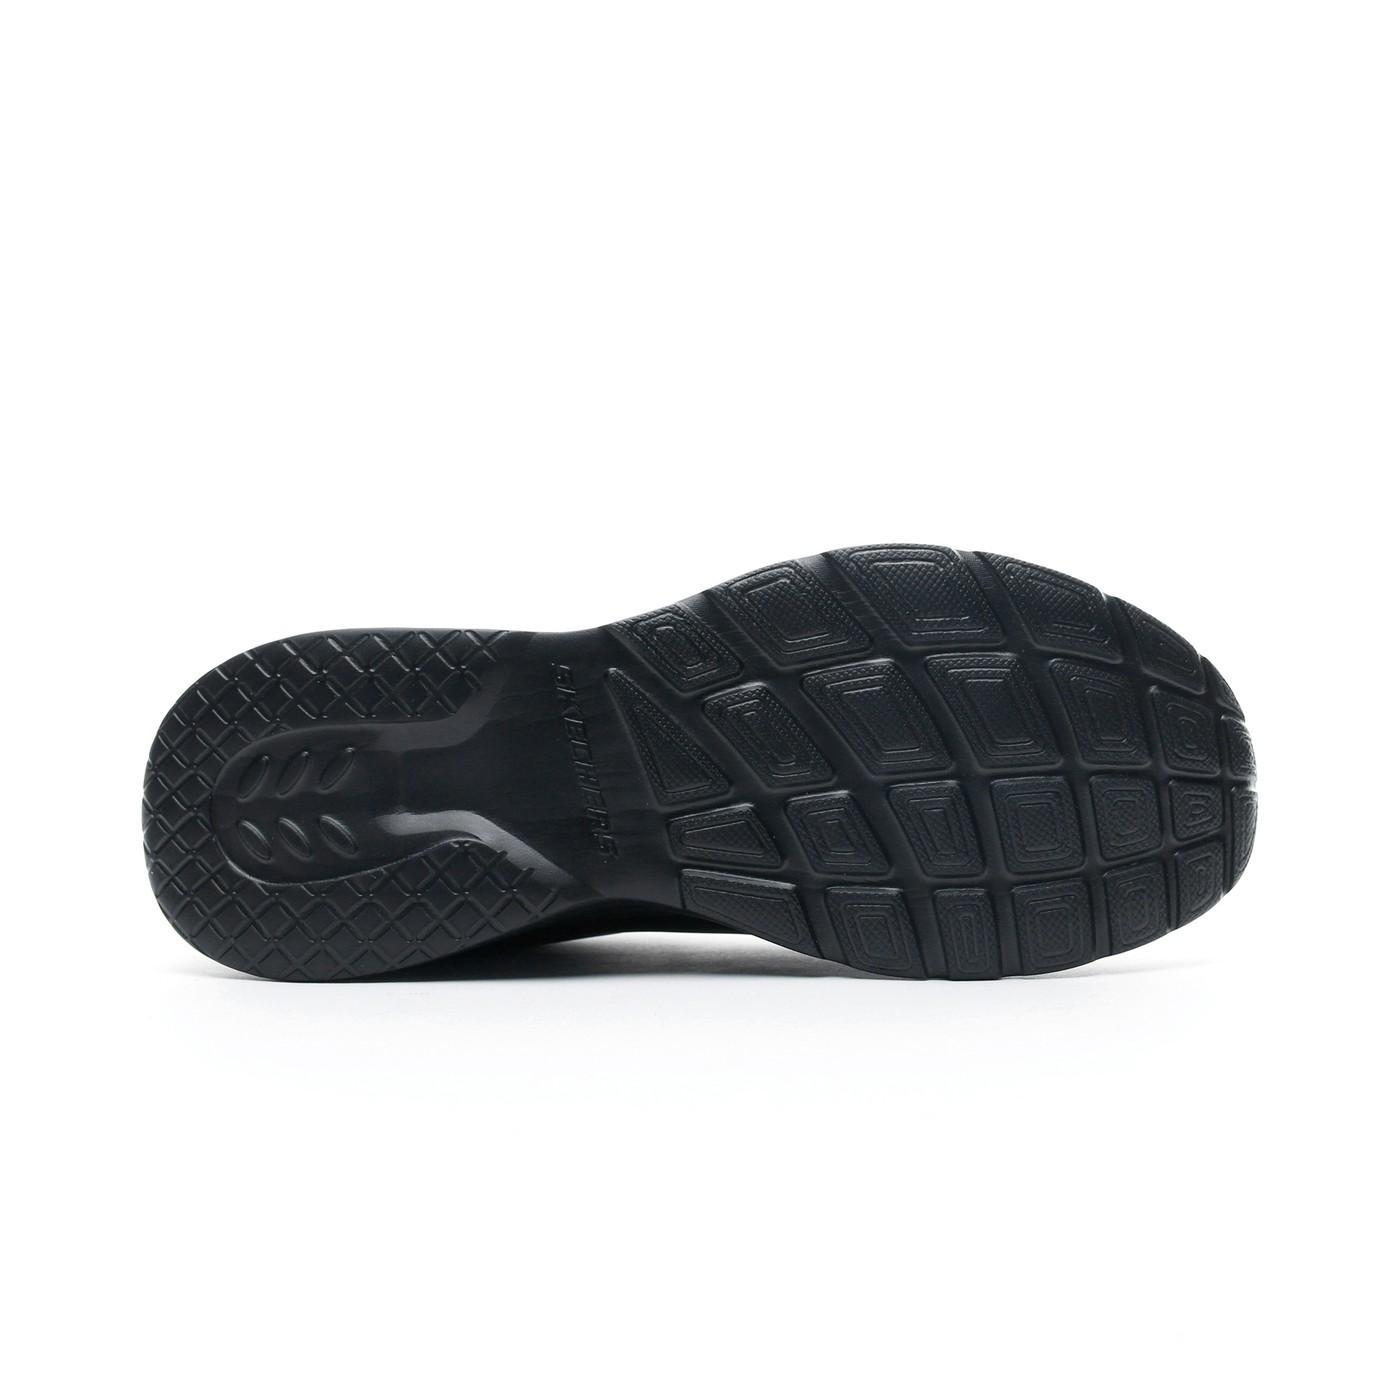 Skechers Dynamight 2.0 Siyah Erkek Spor Ayakkabı